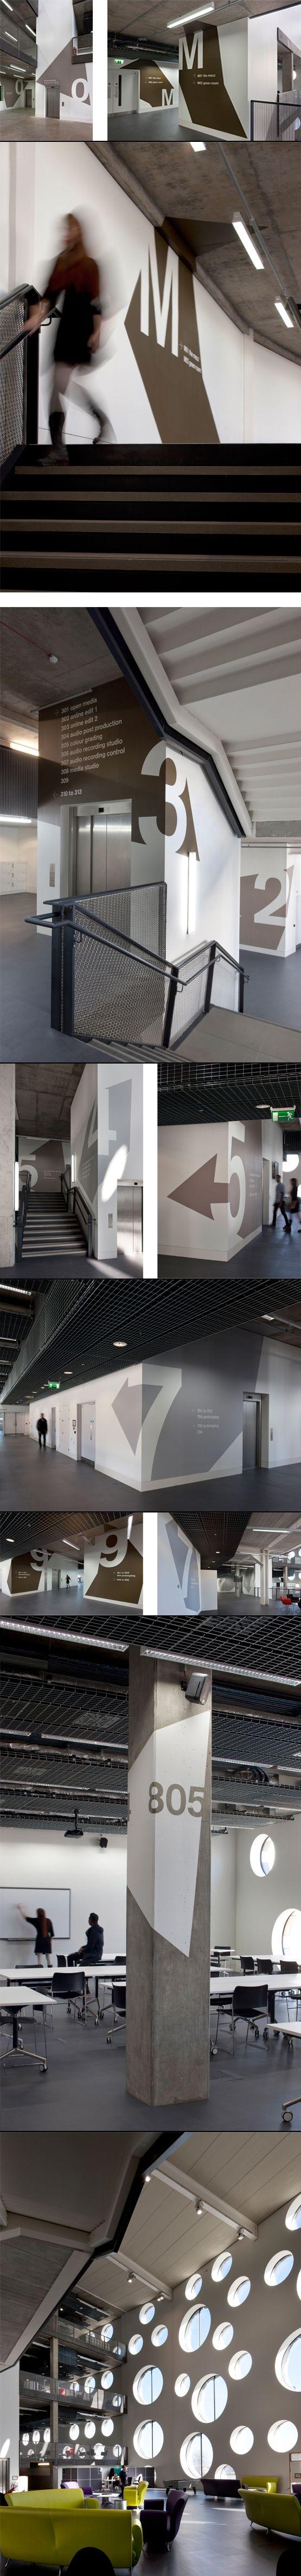 Grouped image Industrial signage, Bussines inventive signage, señaletica empresarial, diseño de locales comerciales